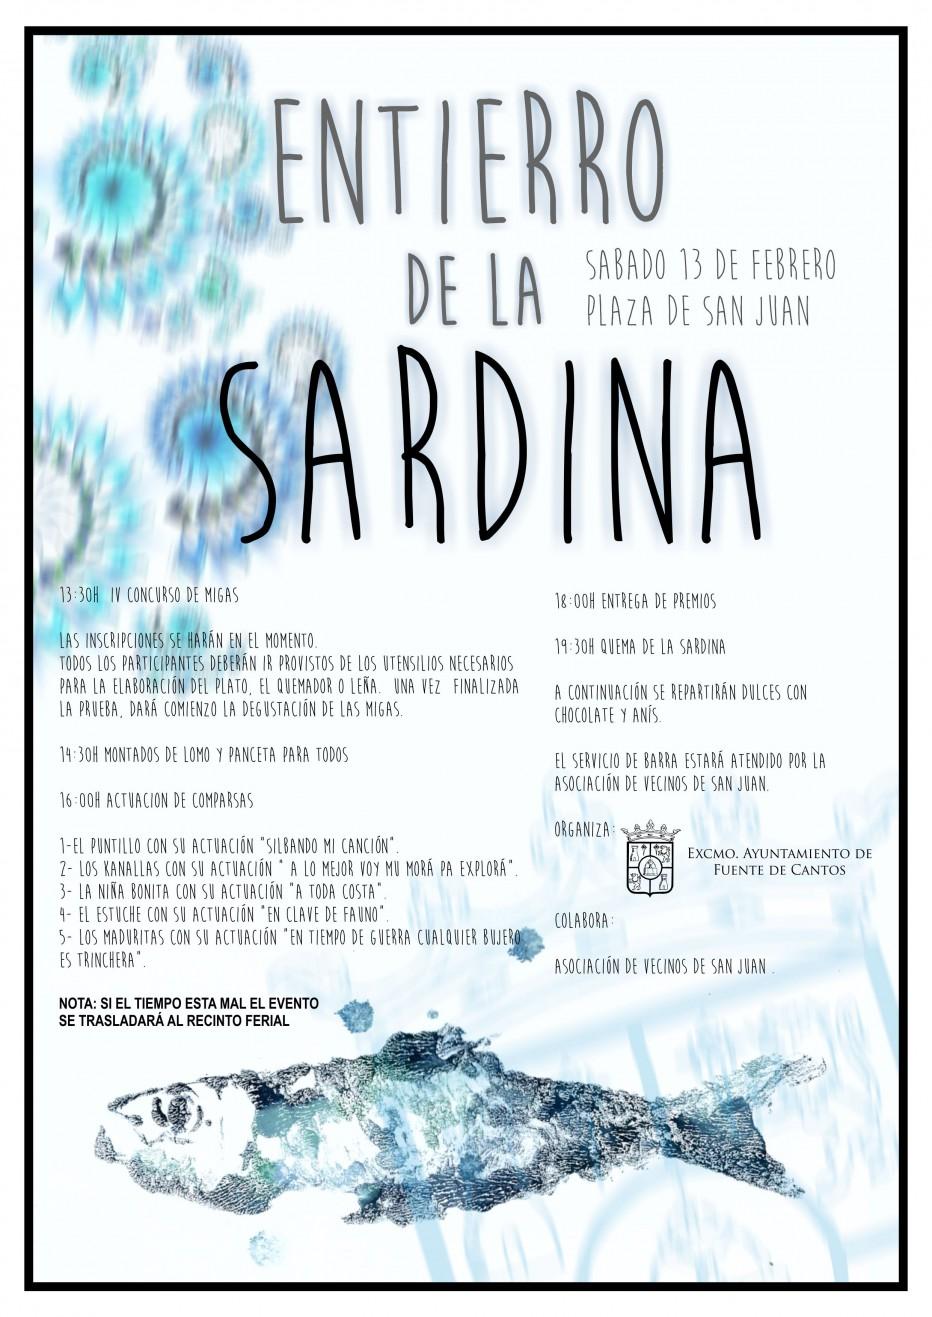 Programa del día 13 de Febrero. Entierro de la Sardina